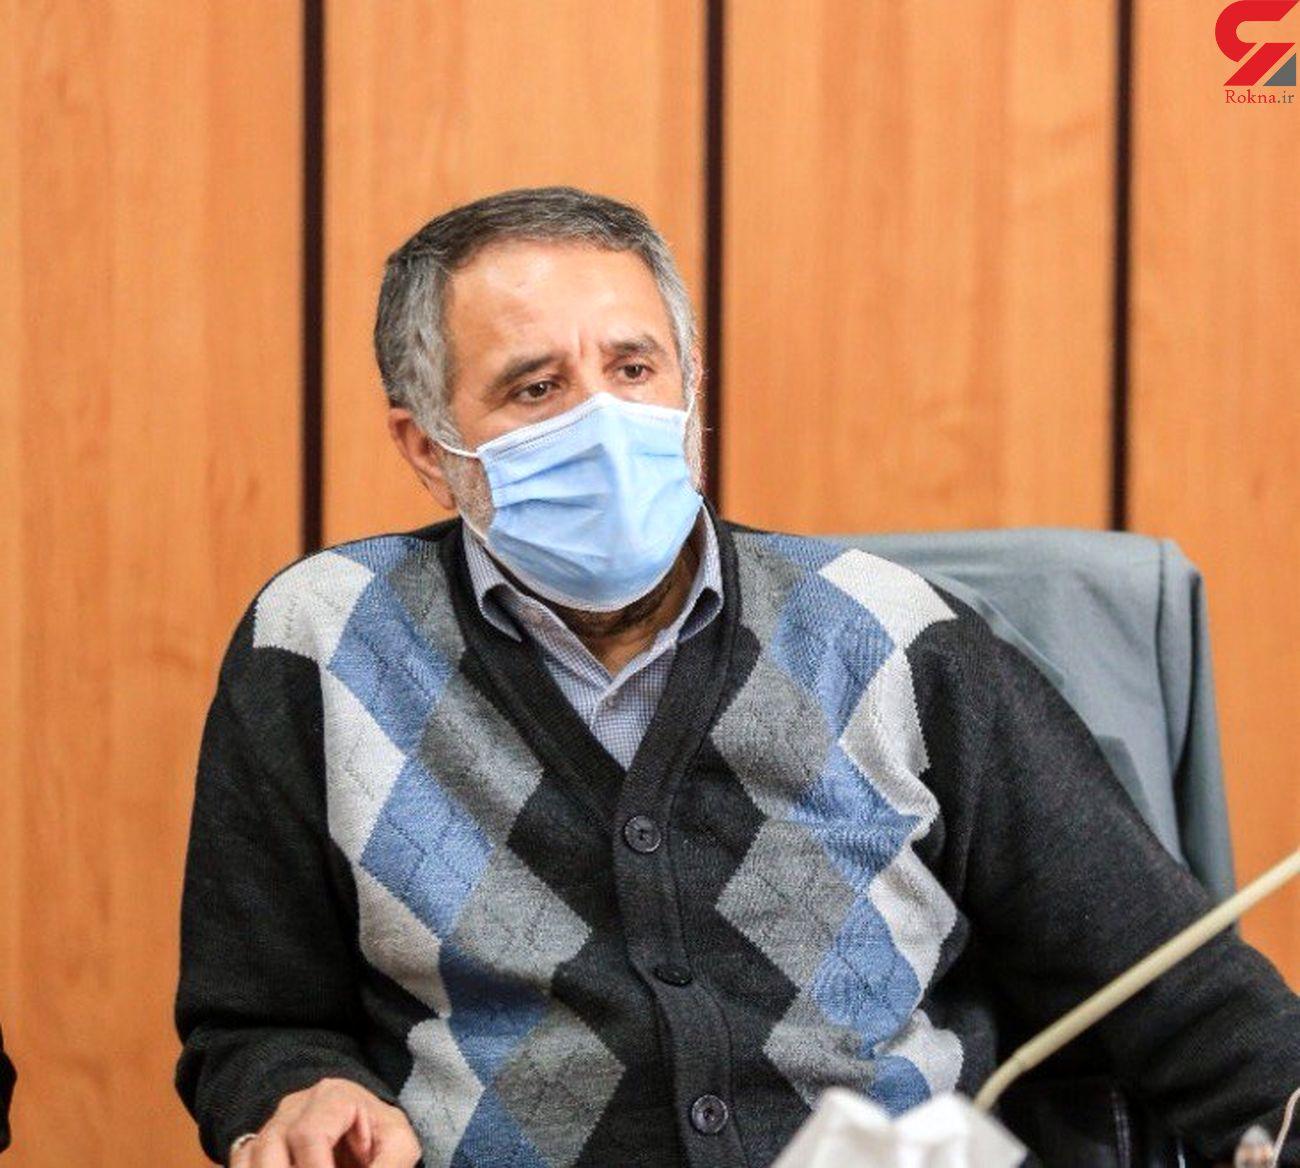 قرارداد متقابل با شهرداری ها برای هزینه پسماند قزوین منعقد شود